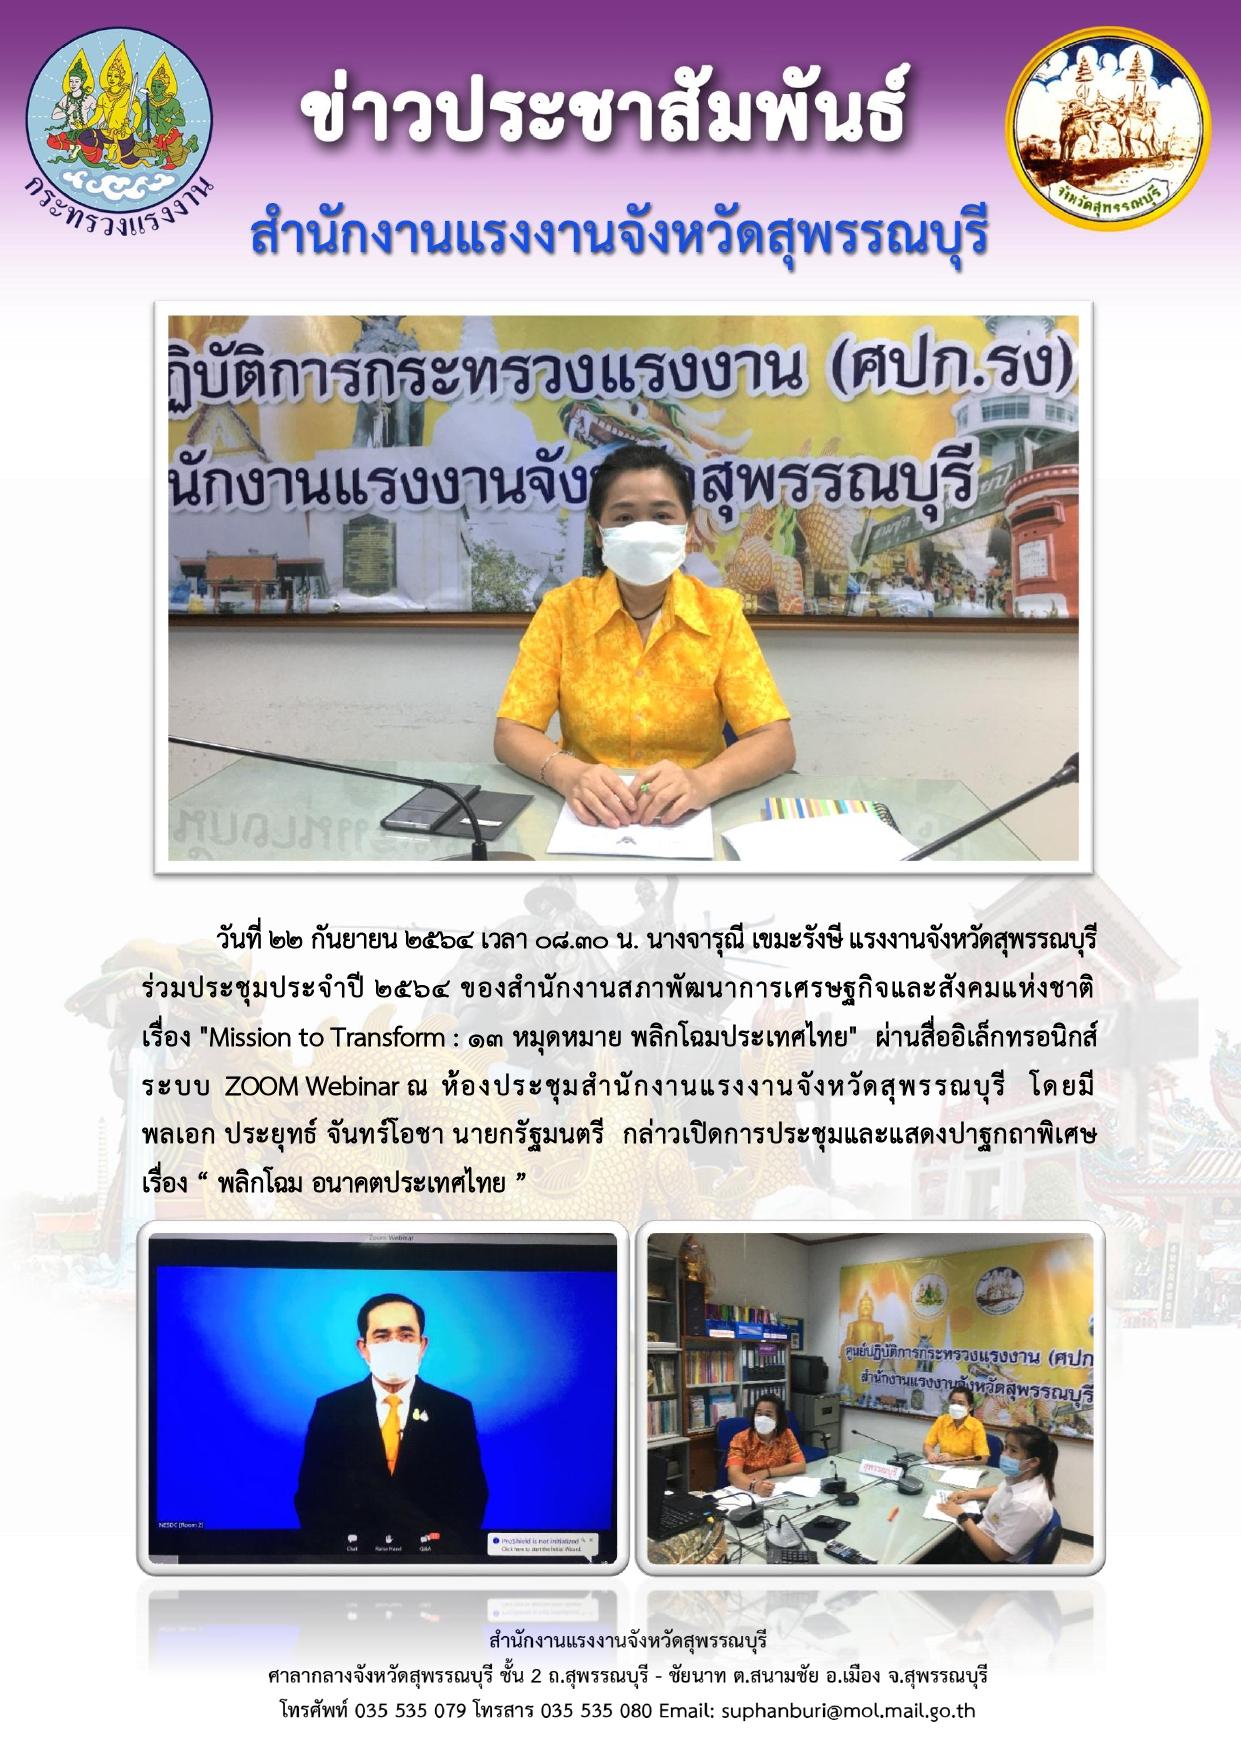 """แรงงานจังหวัดสุพรรณบุรี  ร่วมประชุมประจำปี 2564 ของสำนักงานสภาพัฒนาการเศรษฐกิจและสังคมแห่งชาติ  เรื่อง """"Mission to Transform : 13 หมุดหมาย พลิกโฉมประเทศไทย""""  ผ่านสื่ออิเล็กทรอนิกส์ระบบ ZOOM Webinar"""